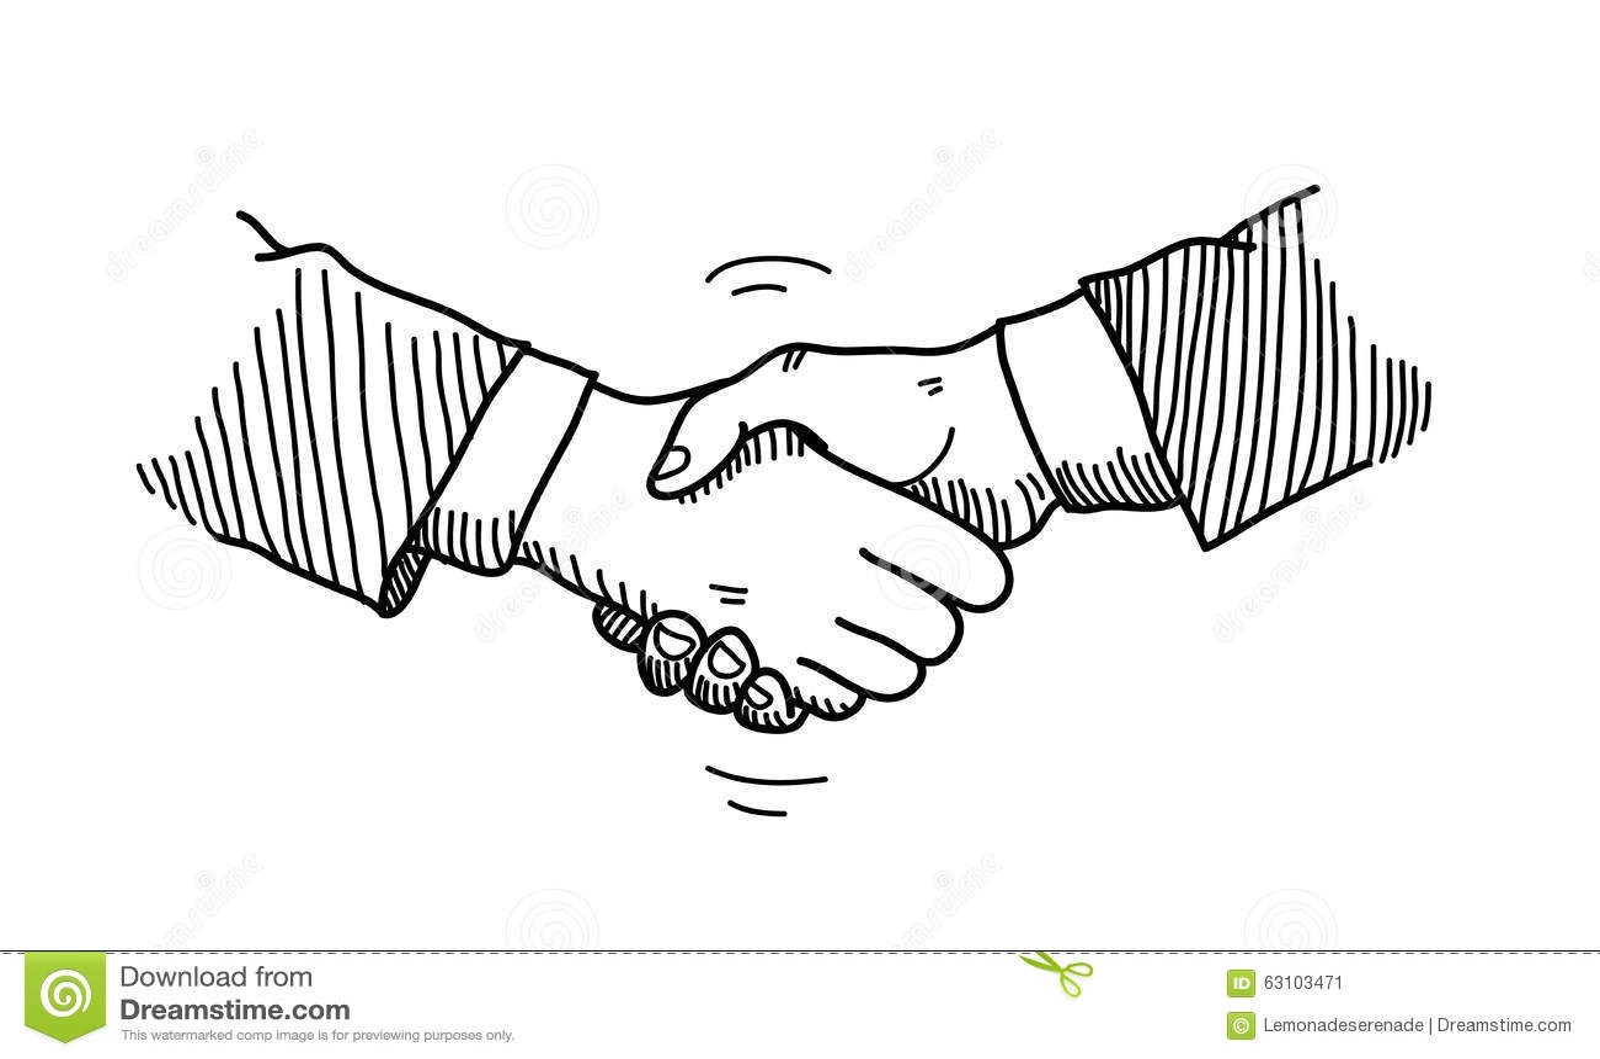 Handshake Doodle Stock Vector - Image: 63103471